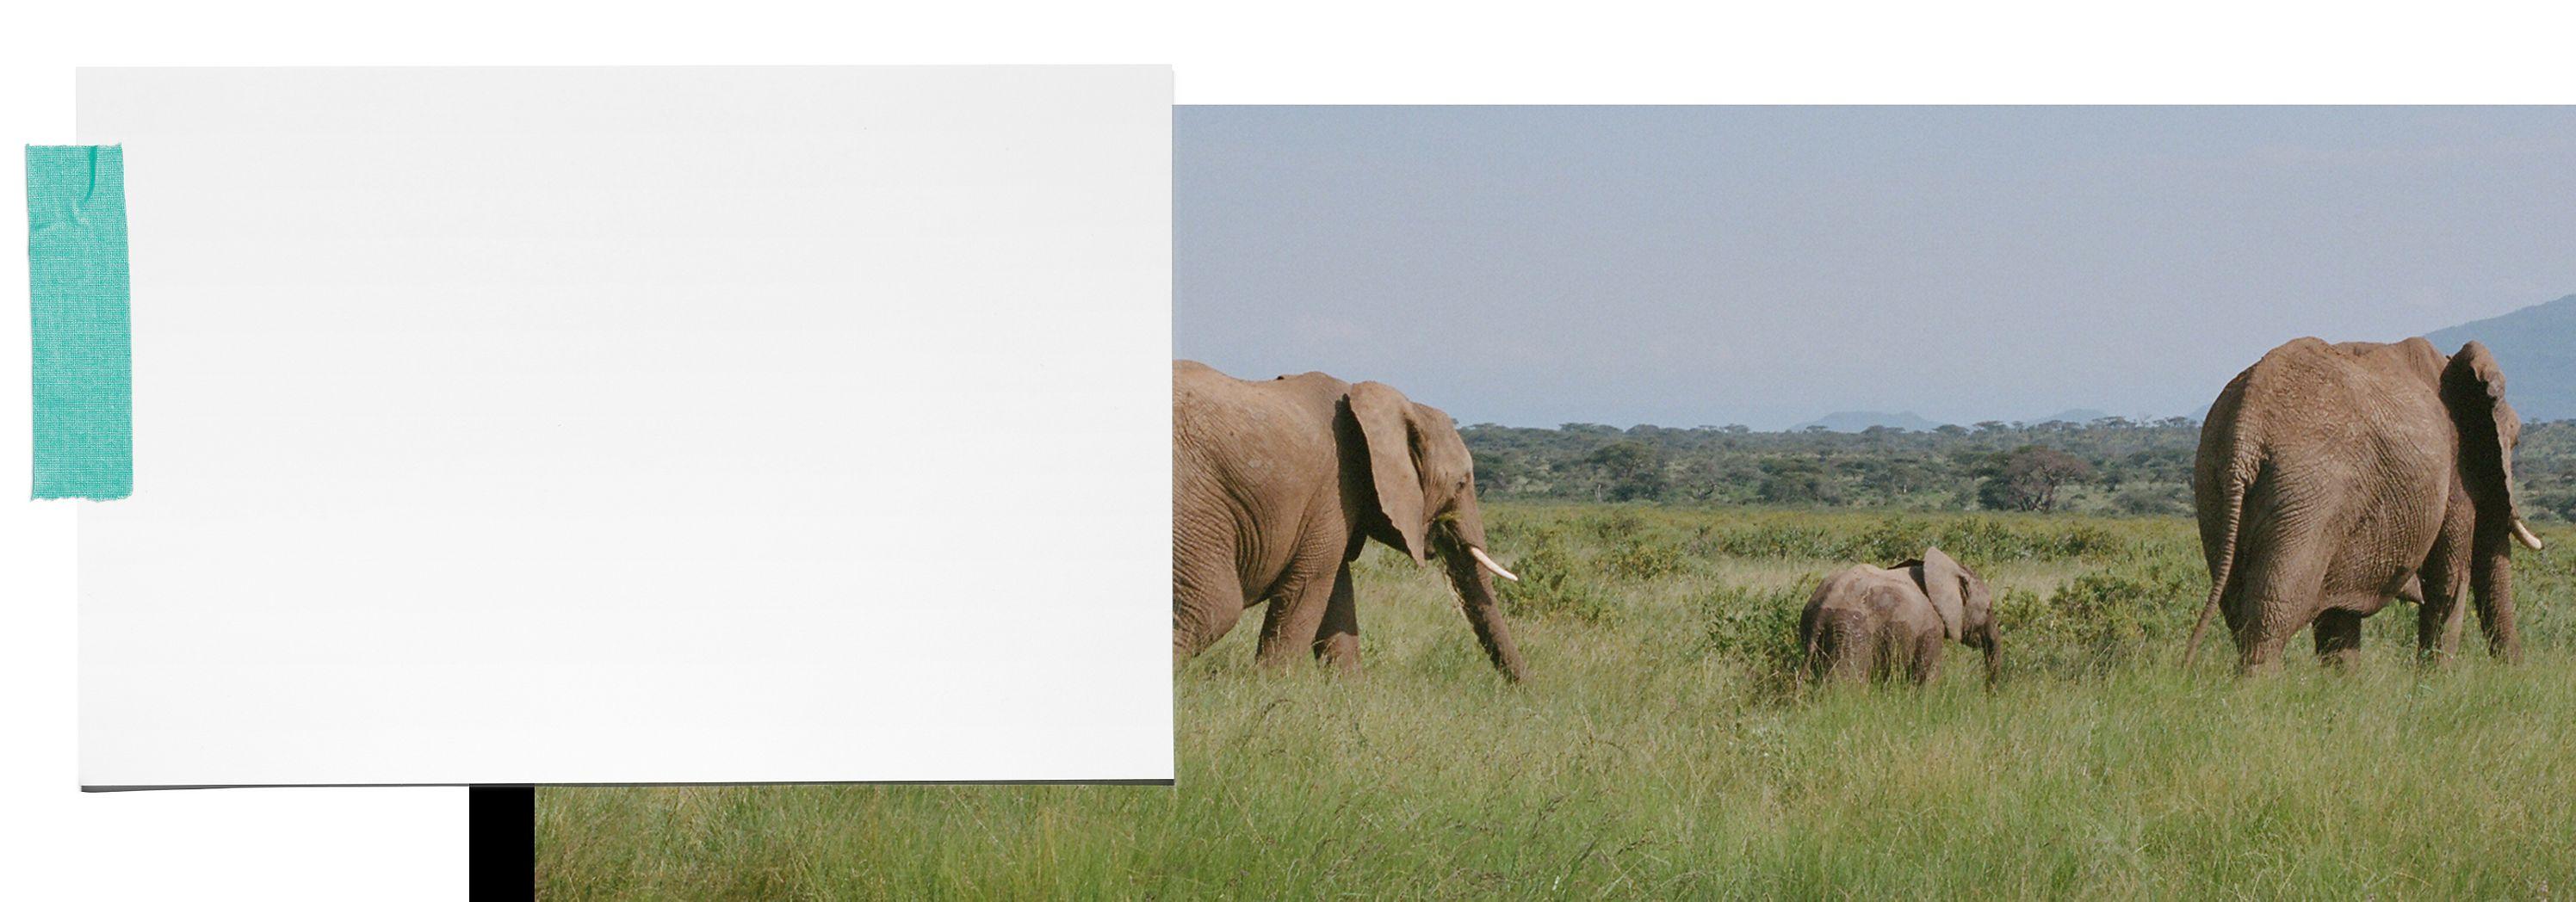 Tiffany & Co. Tiffany Save the Wild